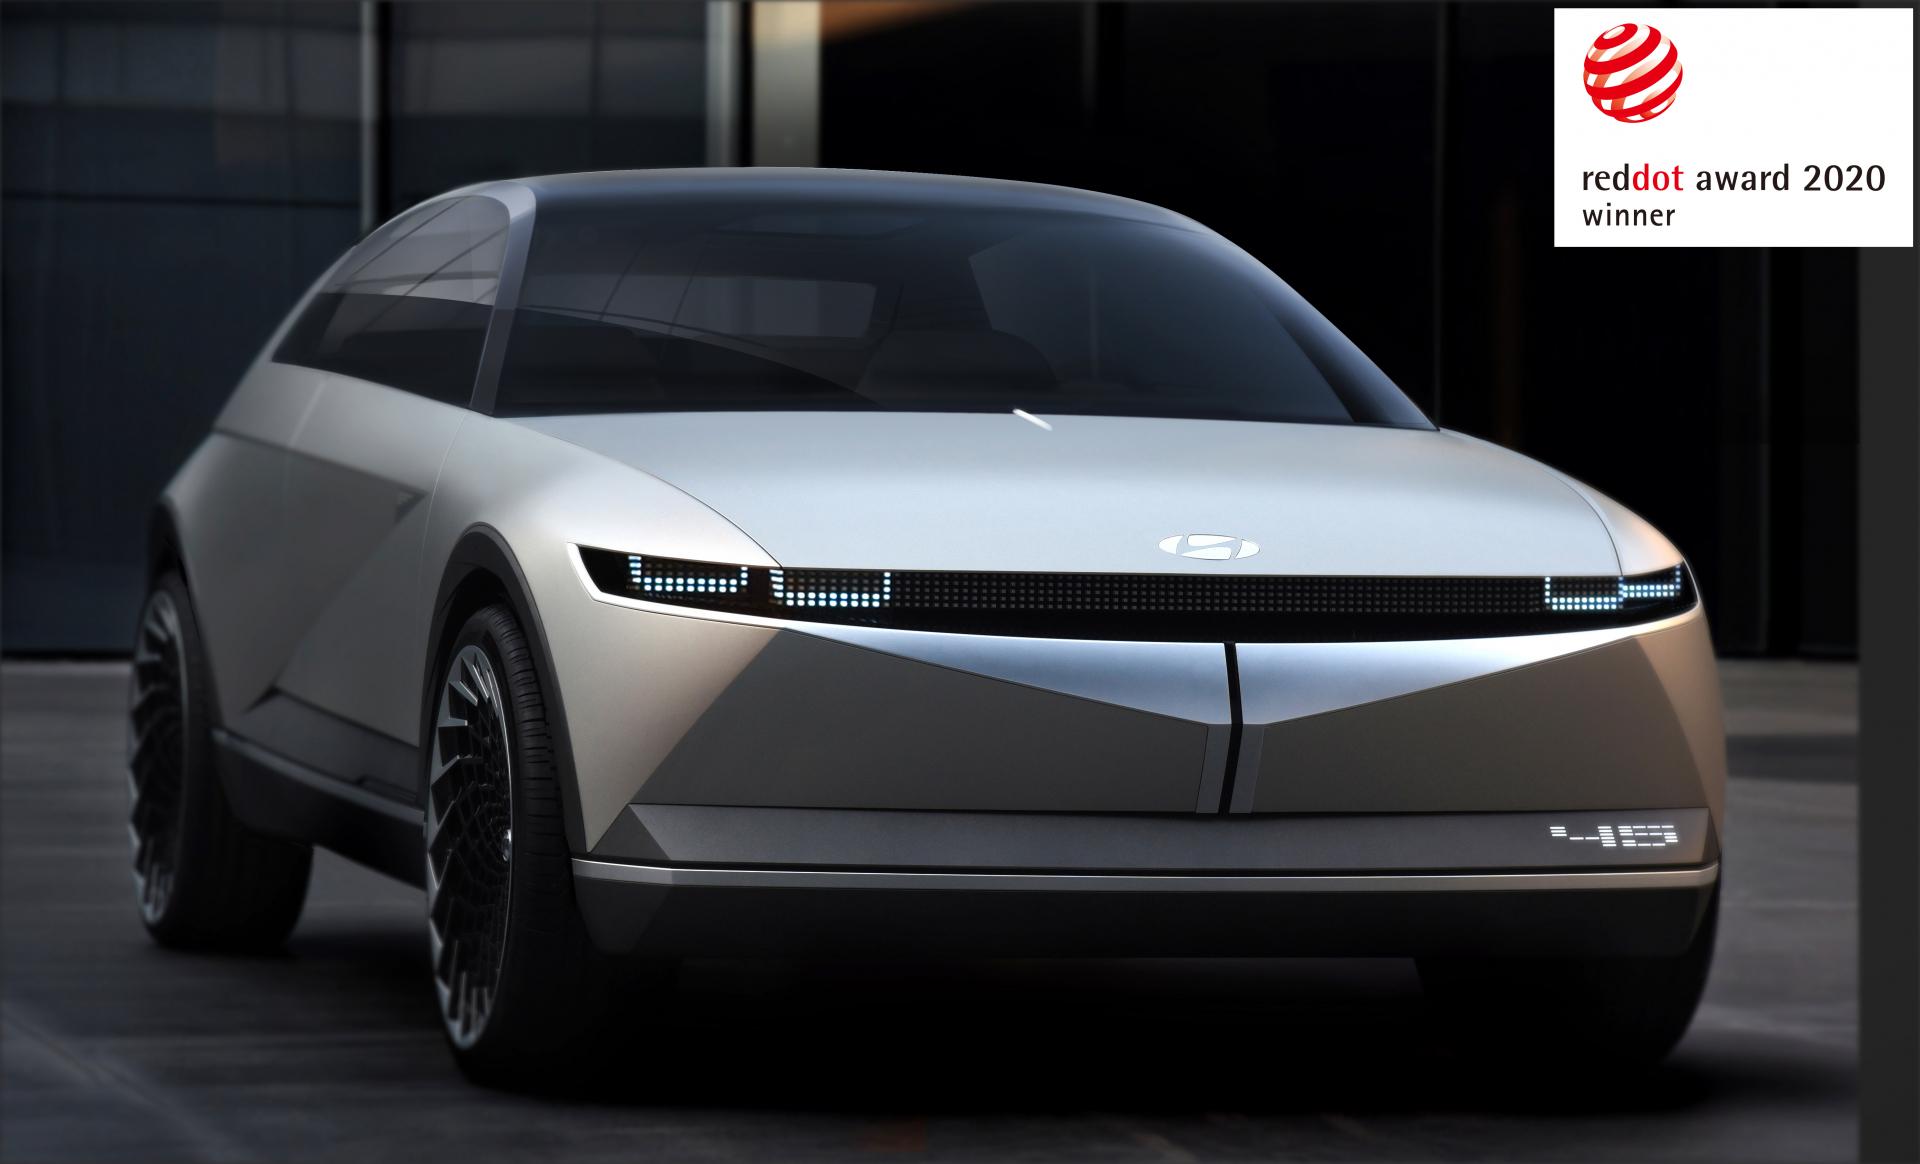 Компанія Hyundai Motor отримала три нагороди Red Dot Award 2020 за концептуальний дизайн | БУГ АВТО - фото 9